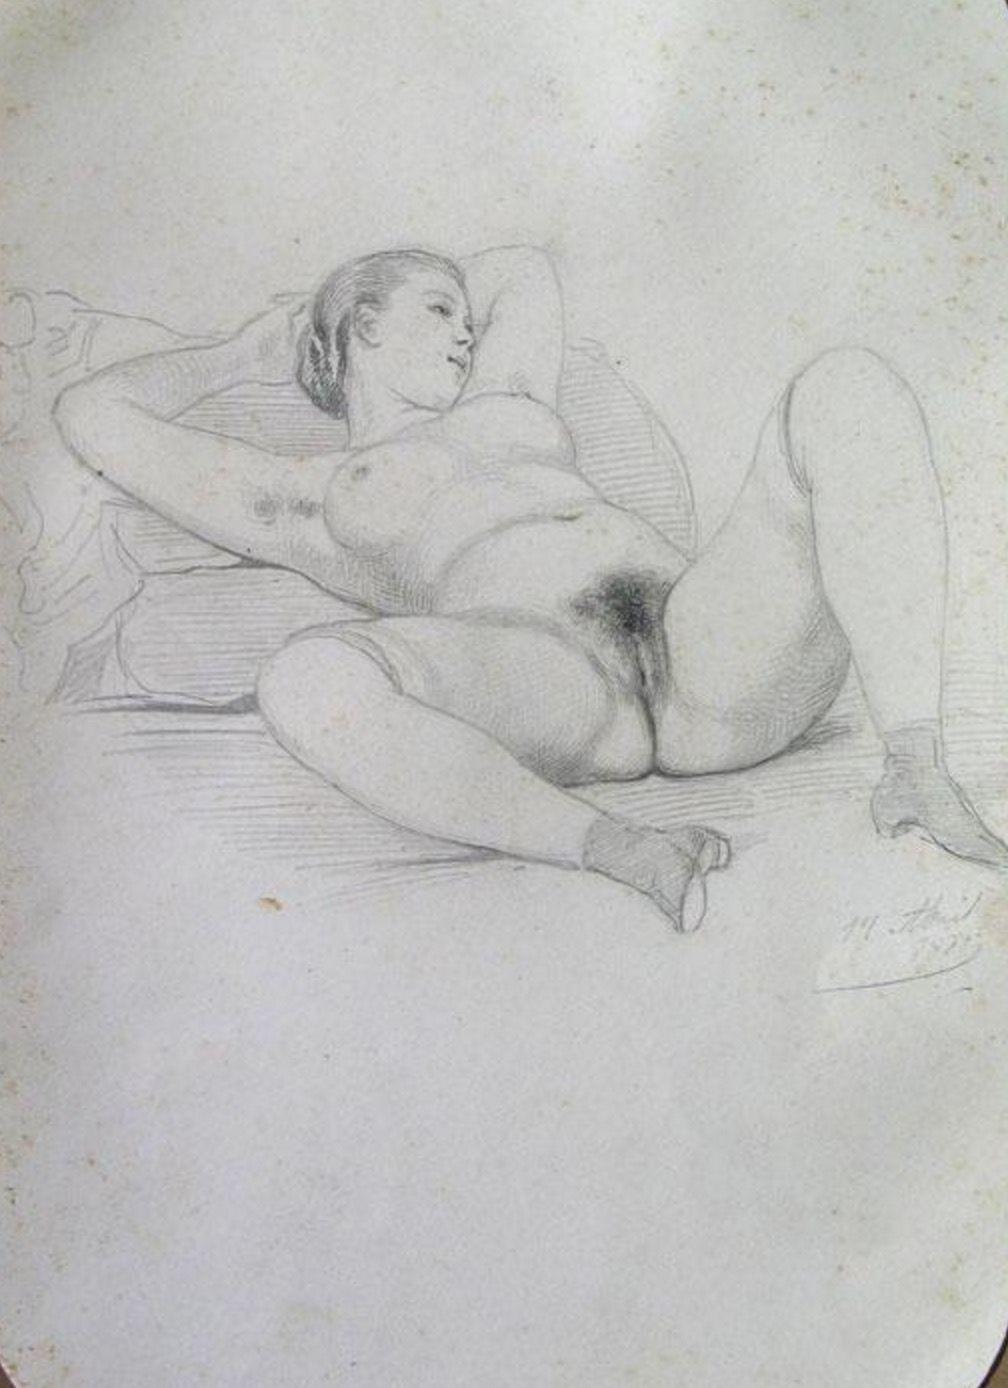 Ass sex fisting stories